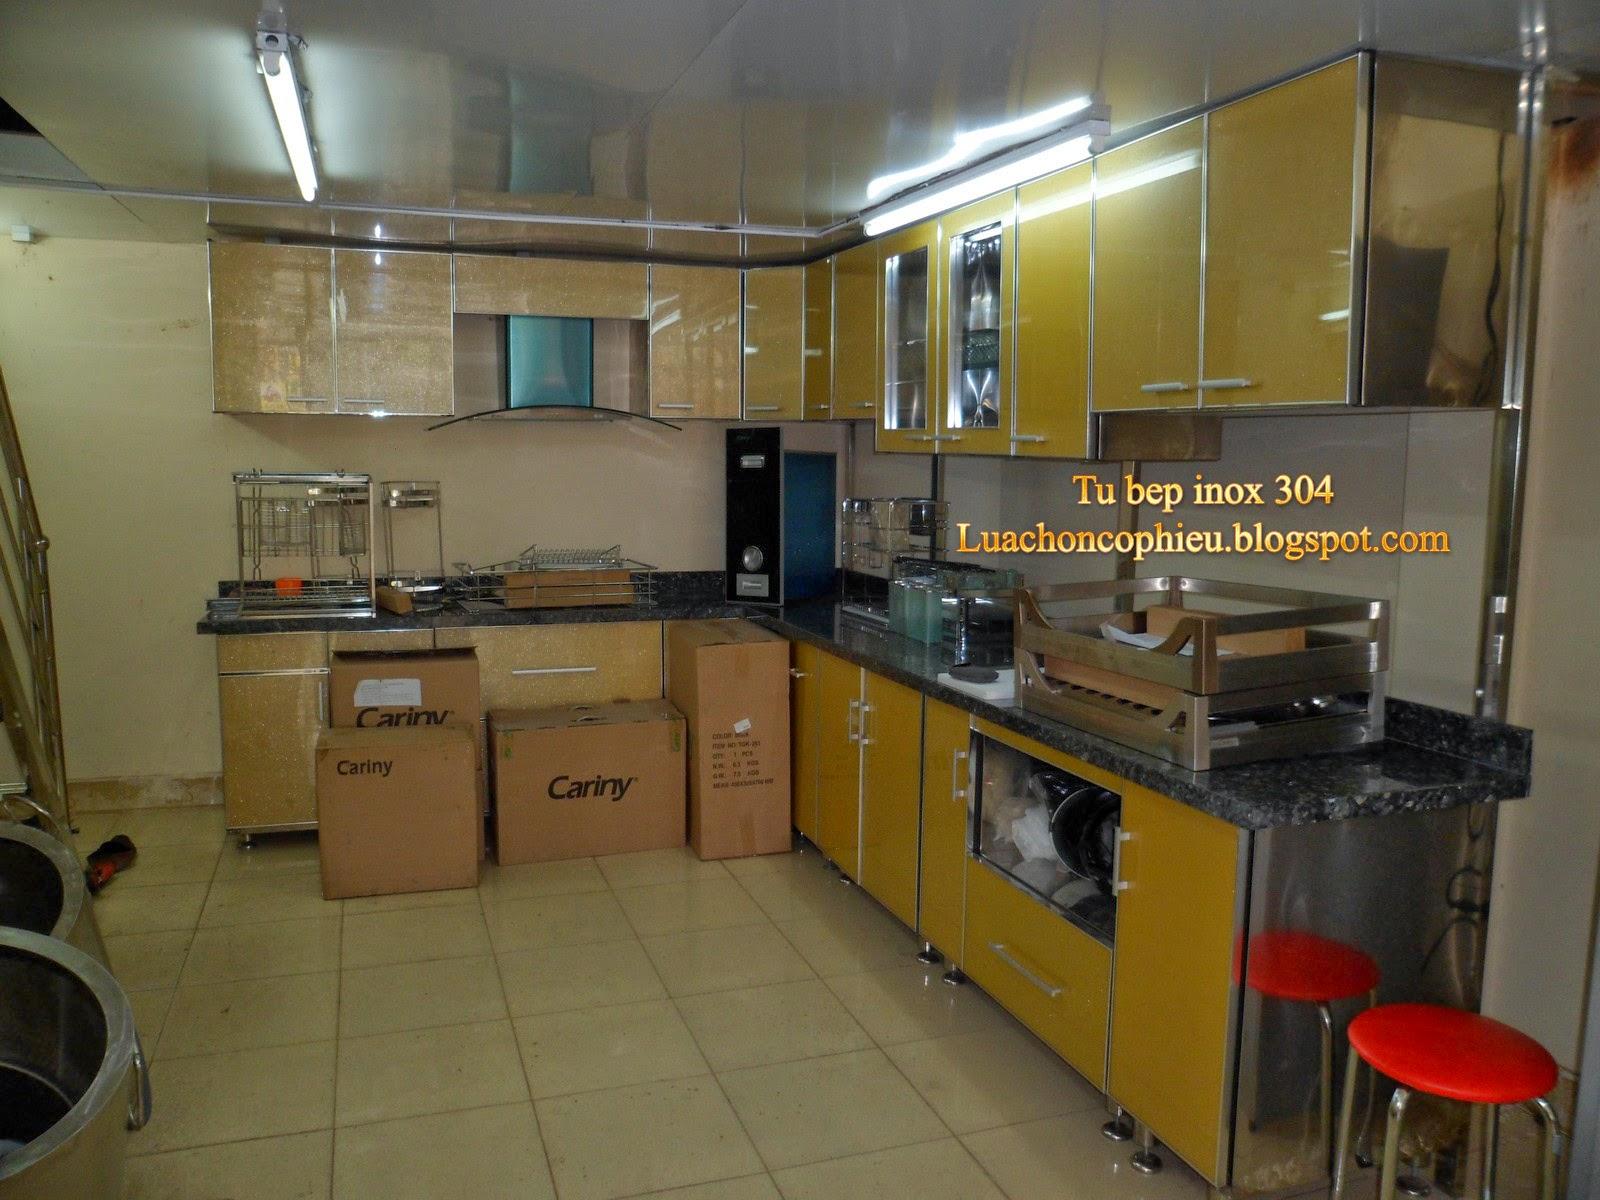 Tủ Bếp Inox 304, siêu bền, 30 năm không hỏng